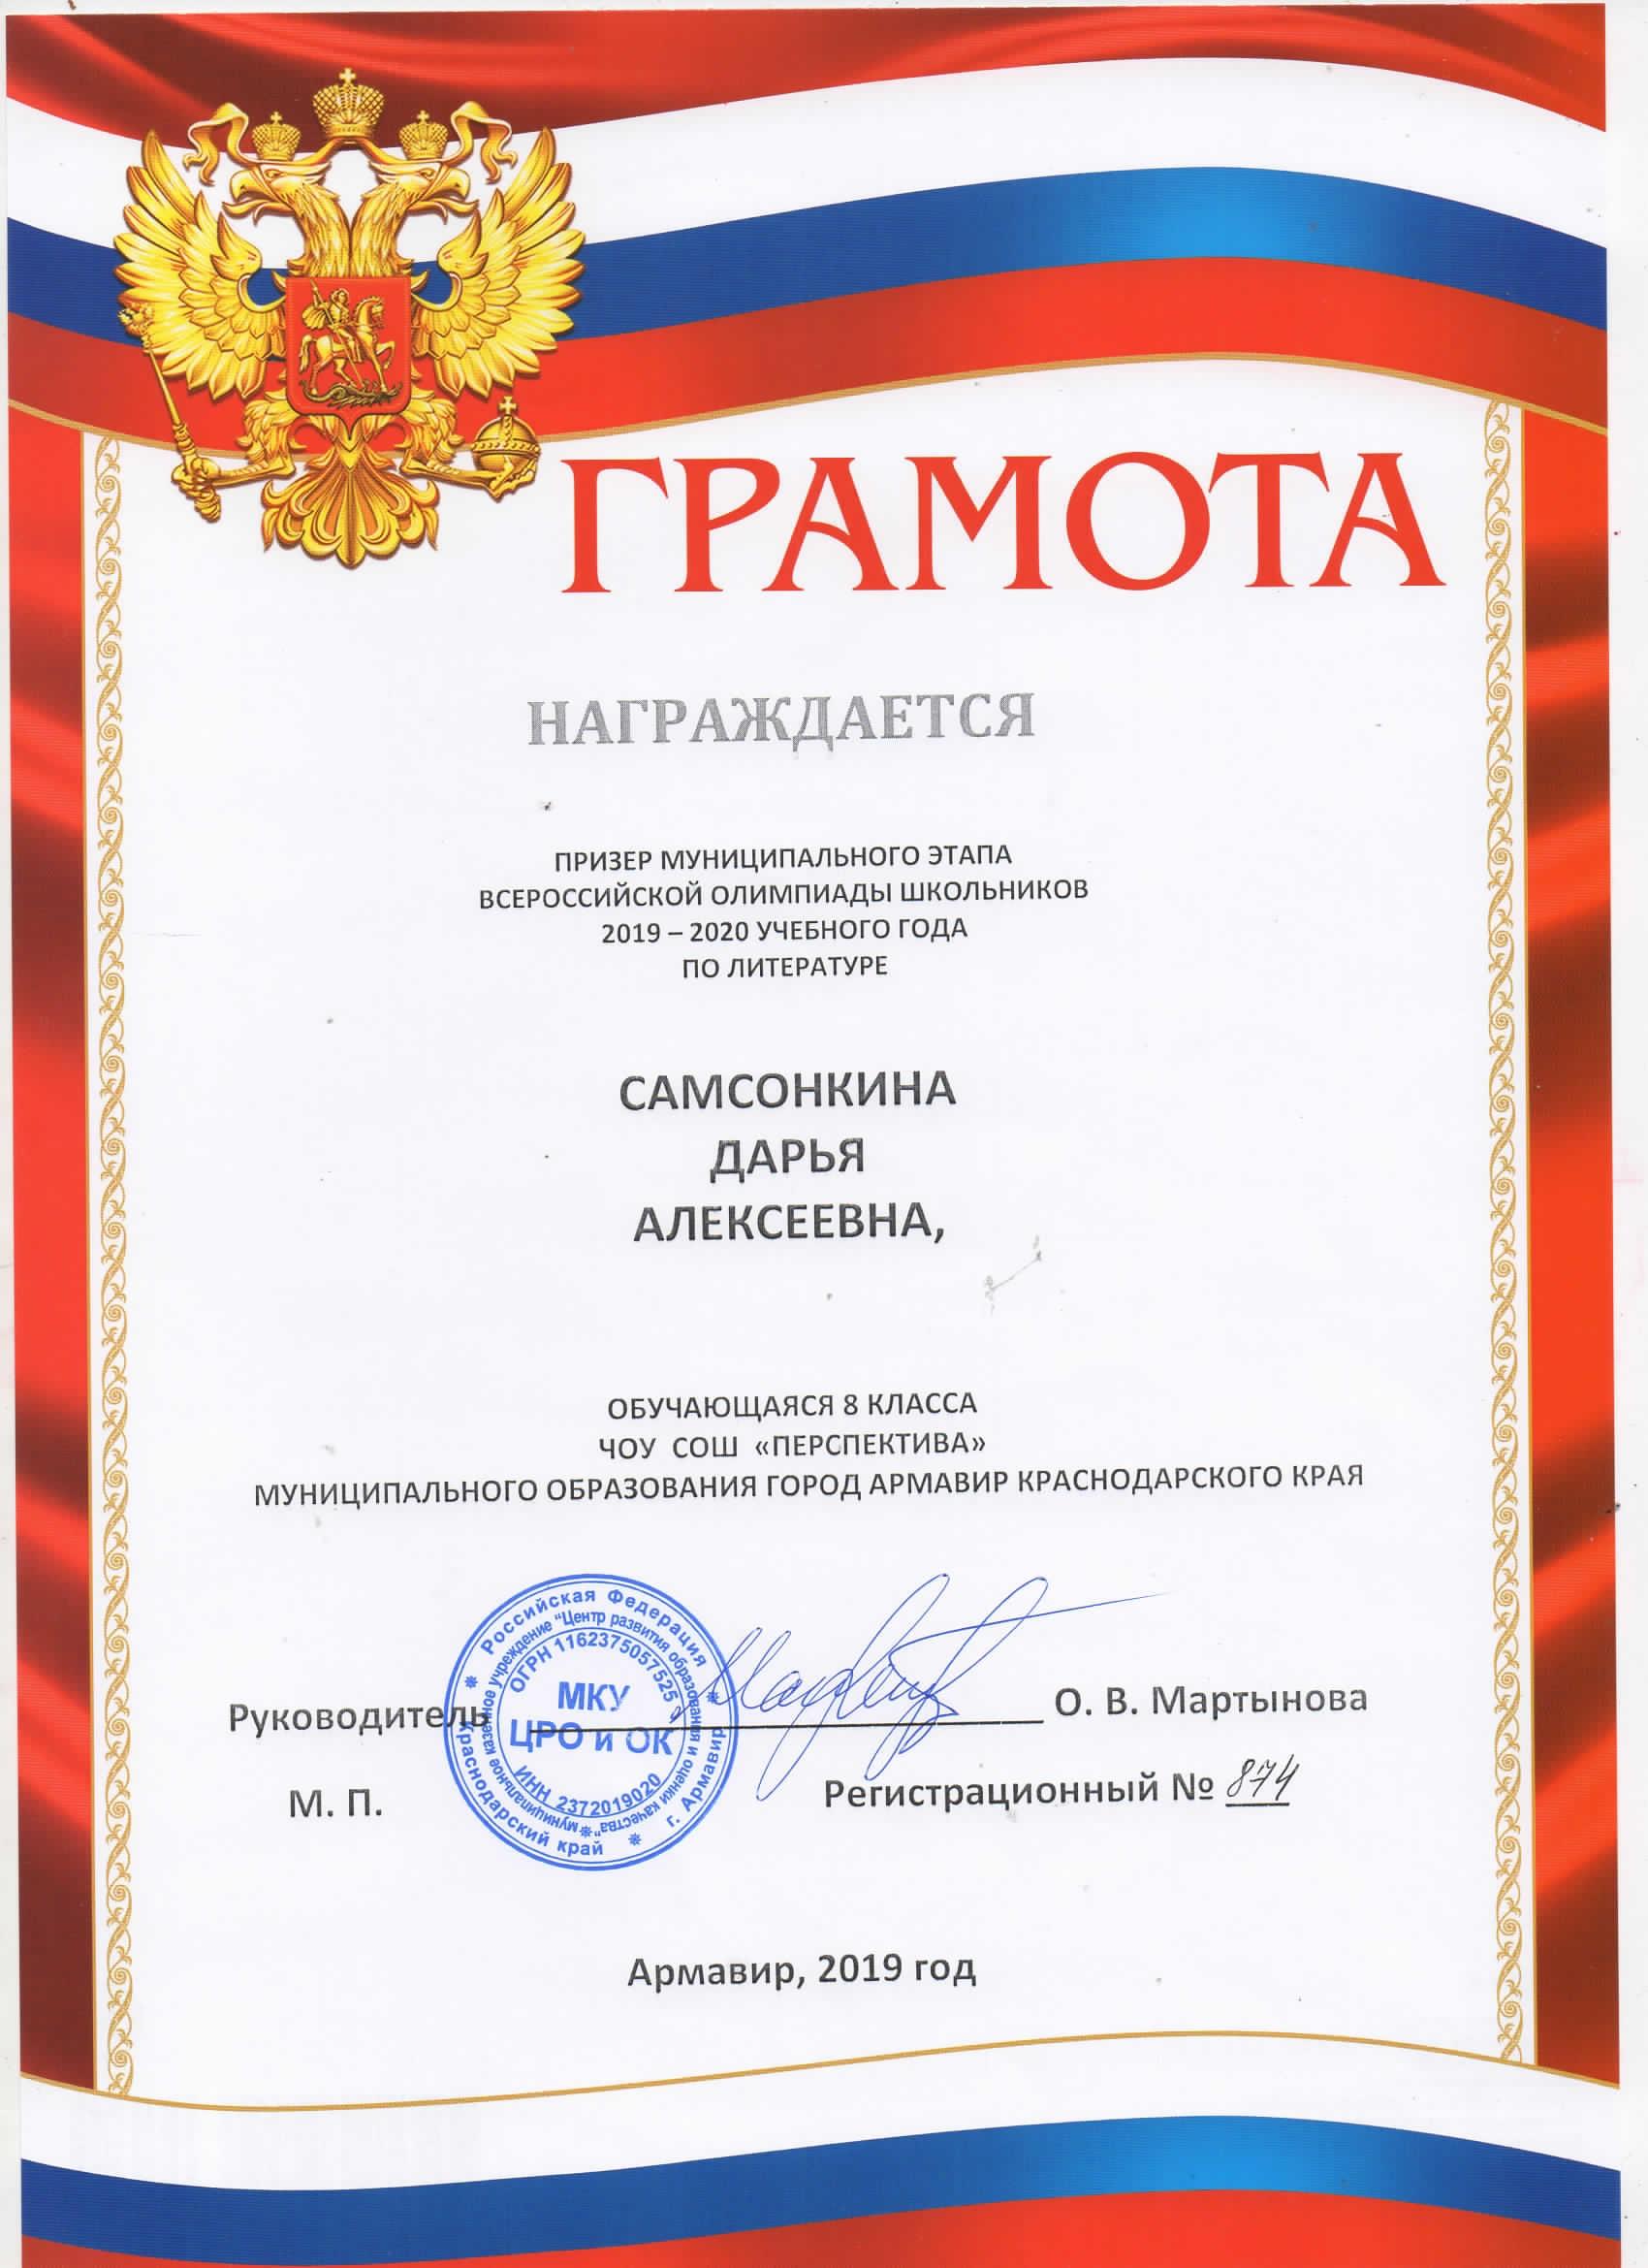 samsonkina1